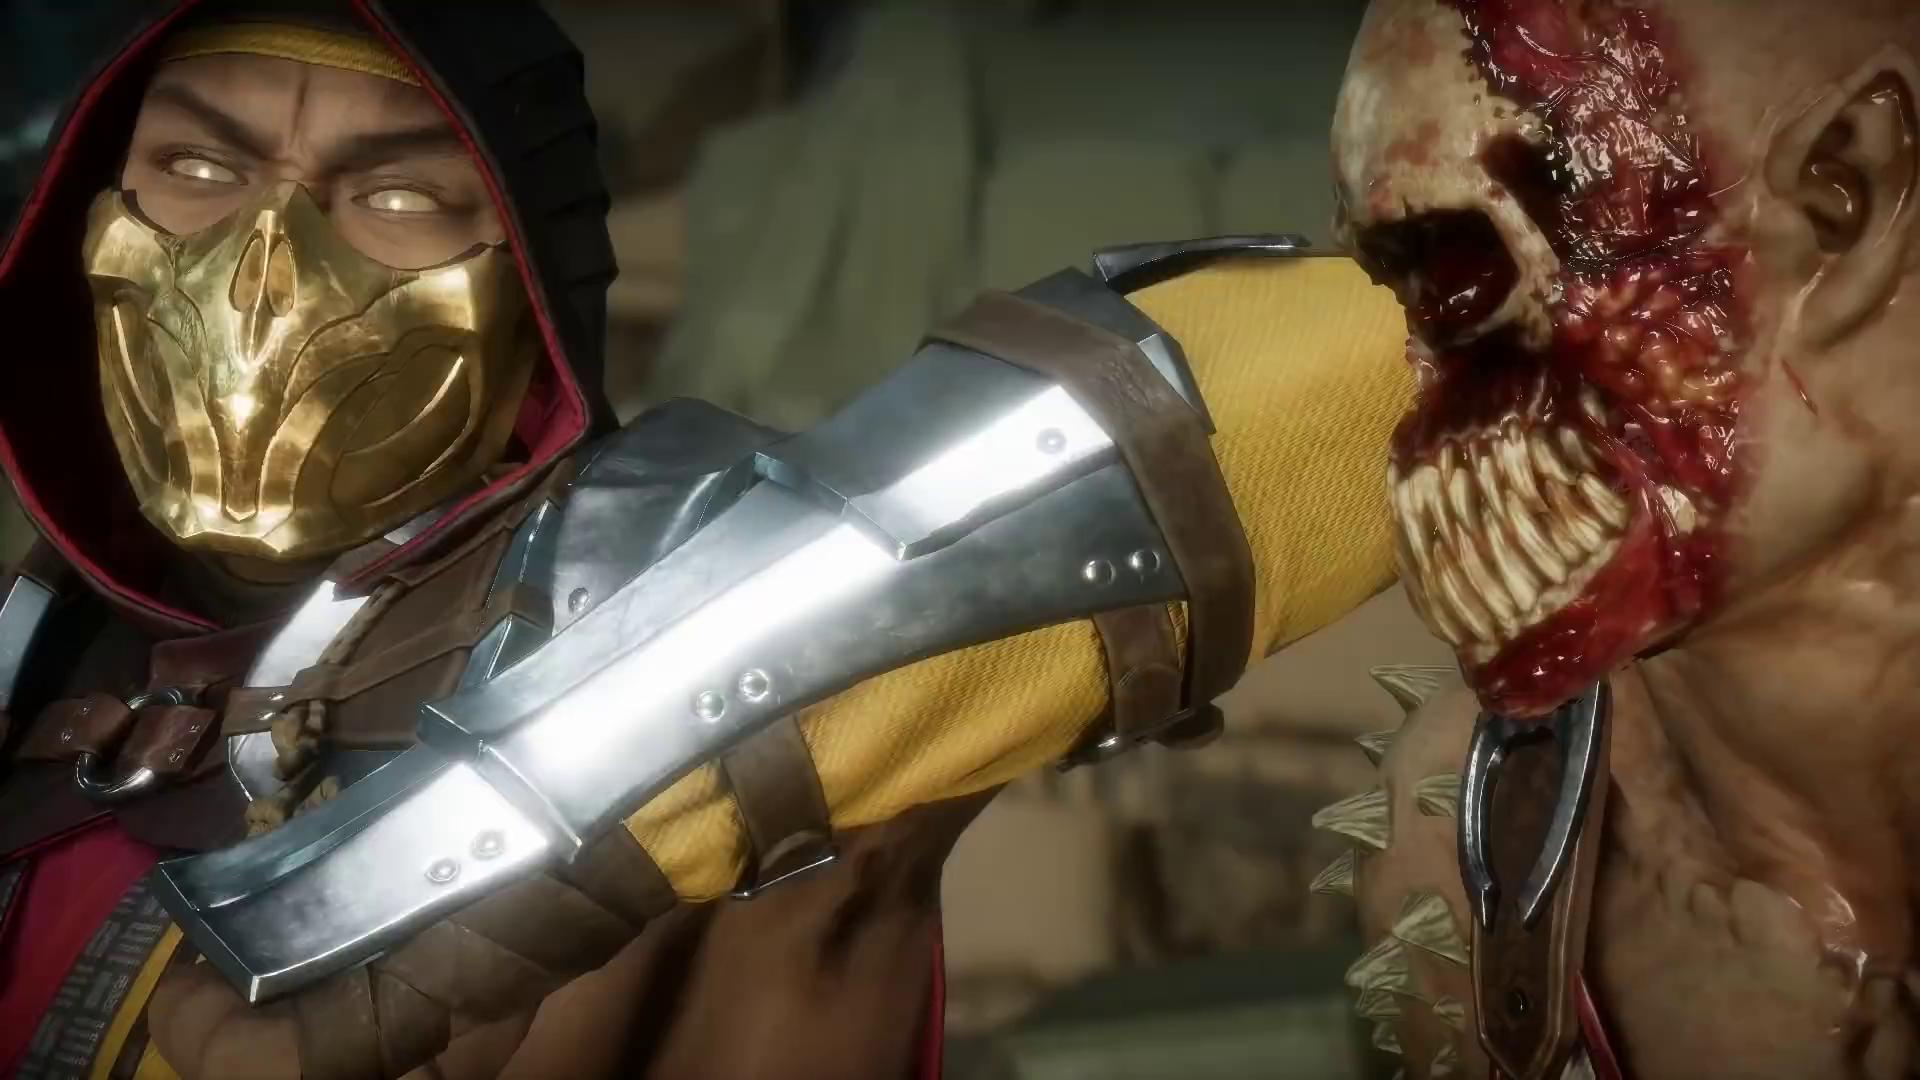 NVIDIA lanzó un driver para aprovechar al máximo Mortal Kombat 11 en su día de lanzamiento